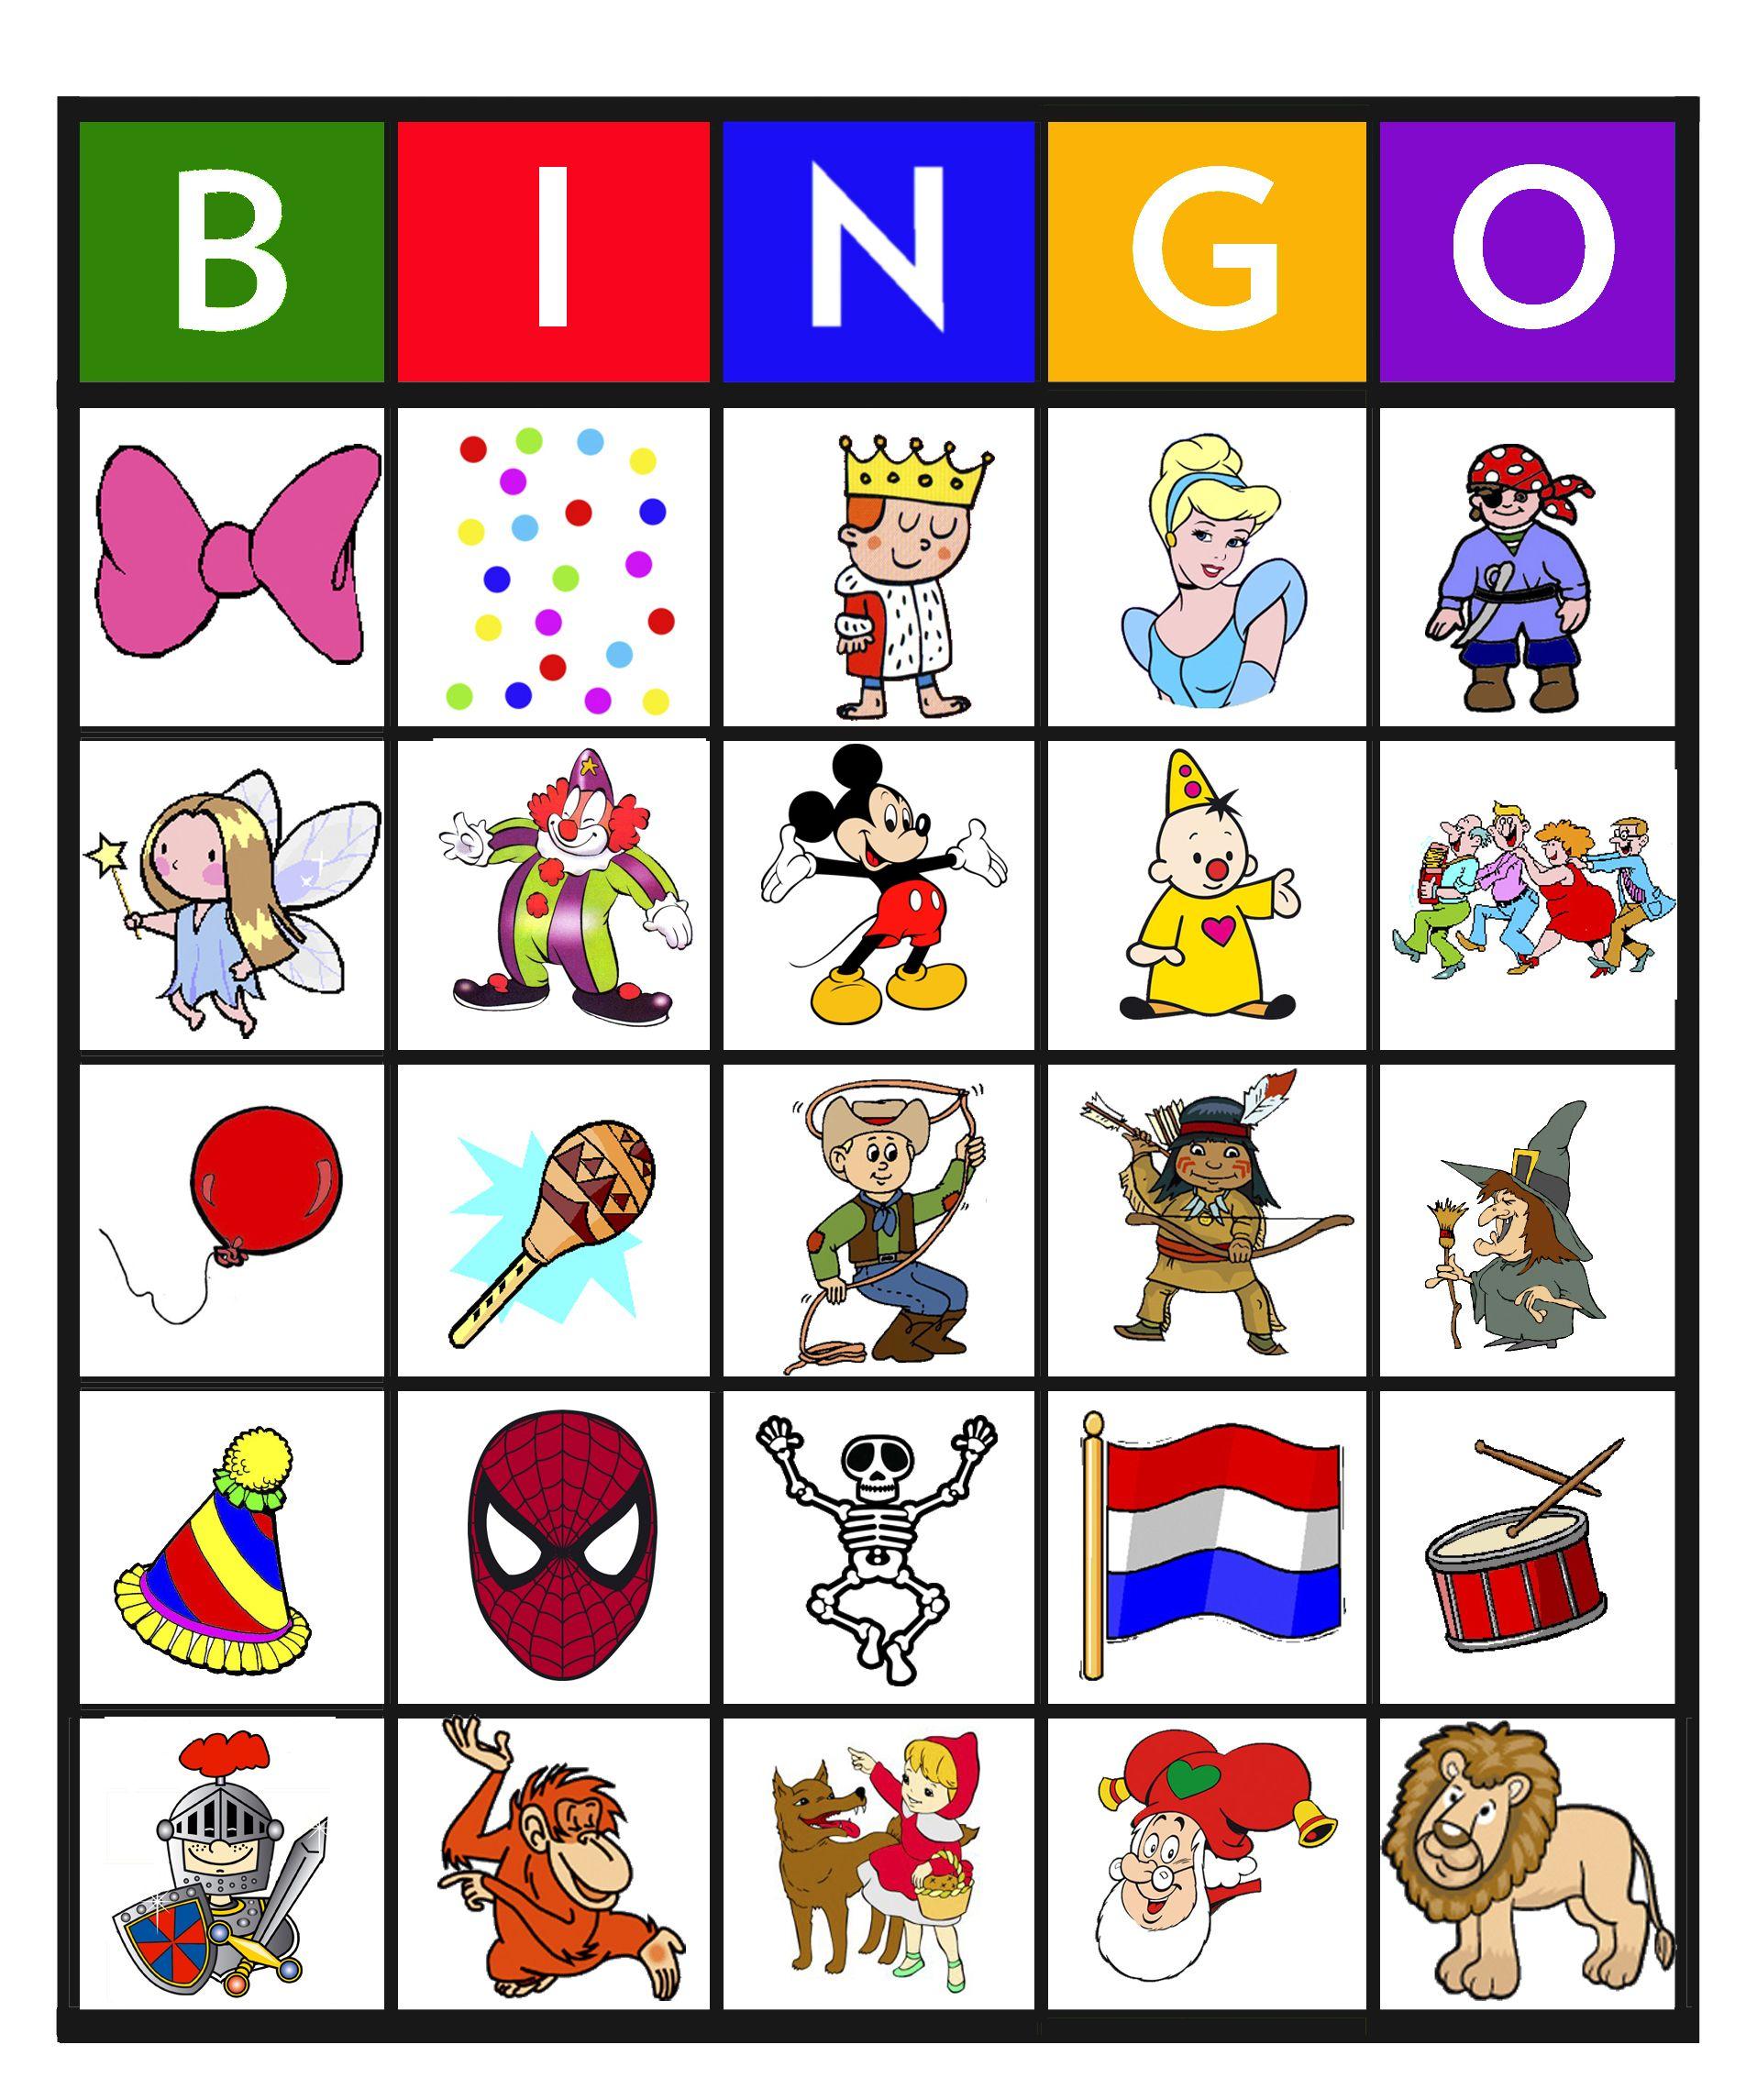 Bingo Carnaval 9 25 Carnaval Spelletjes Kinderen Carnaval Spelletjes Carnaval